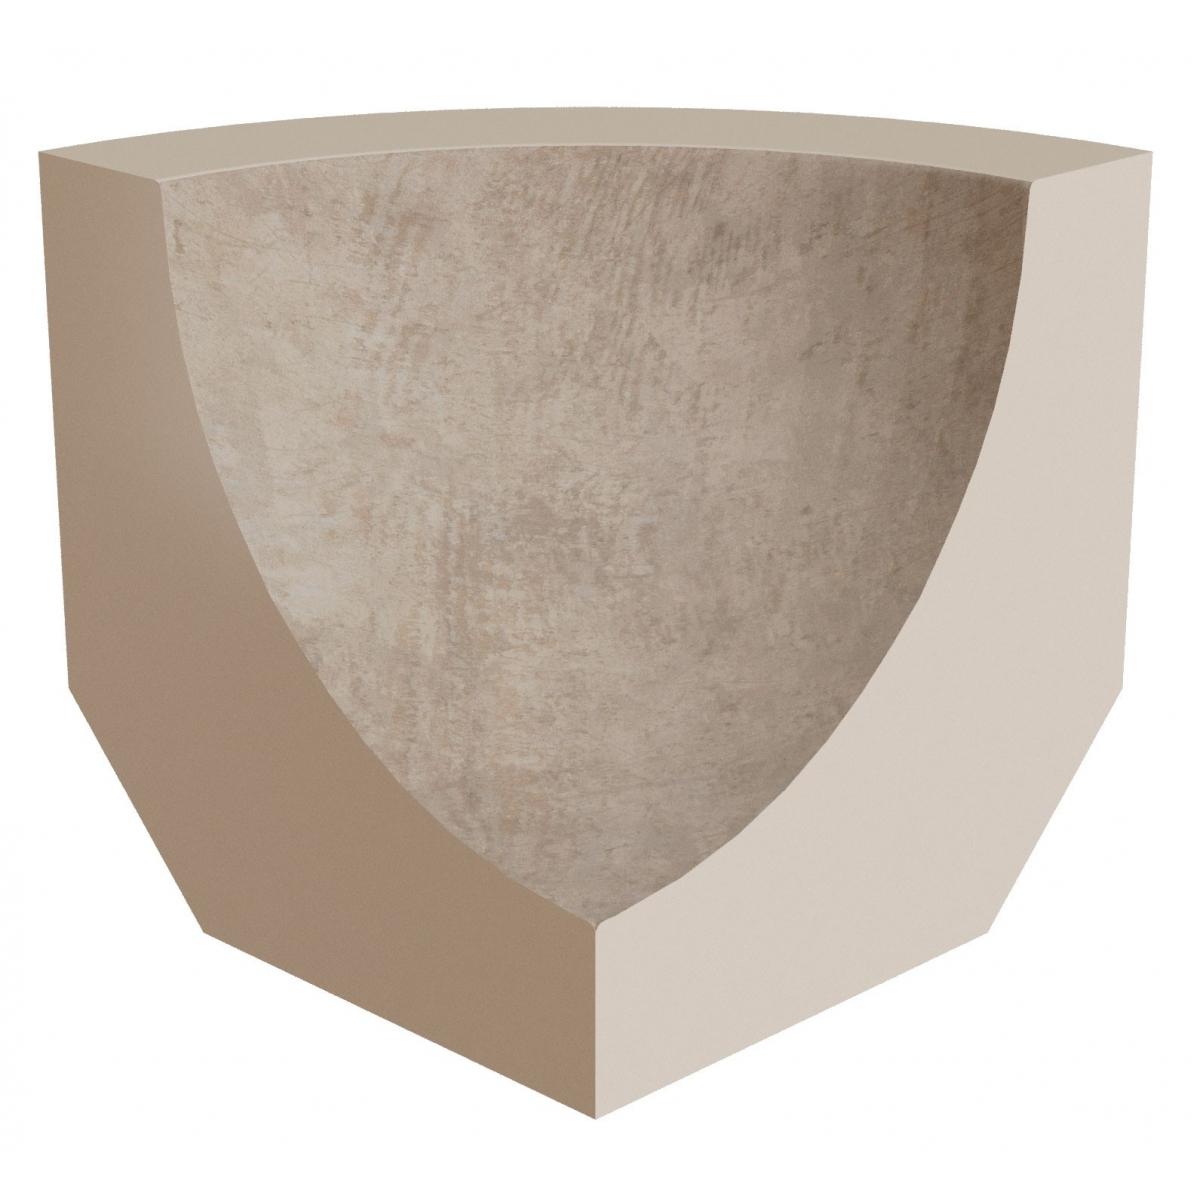 Rinconera interior Stela White 4x4